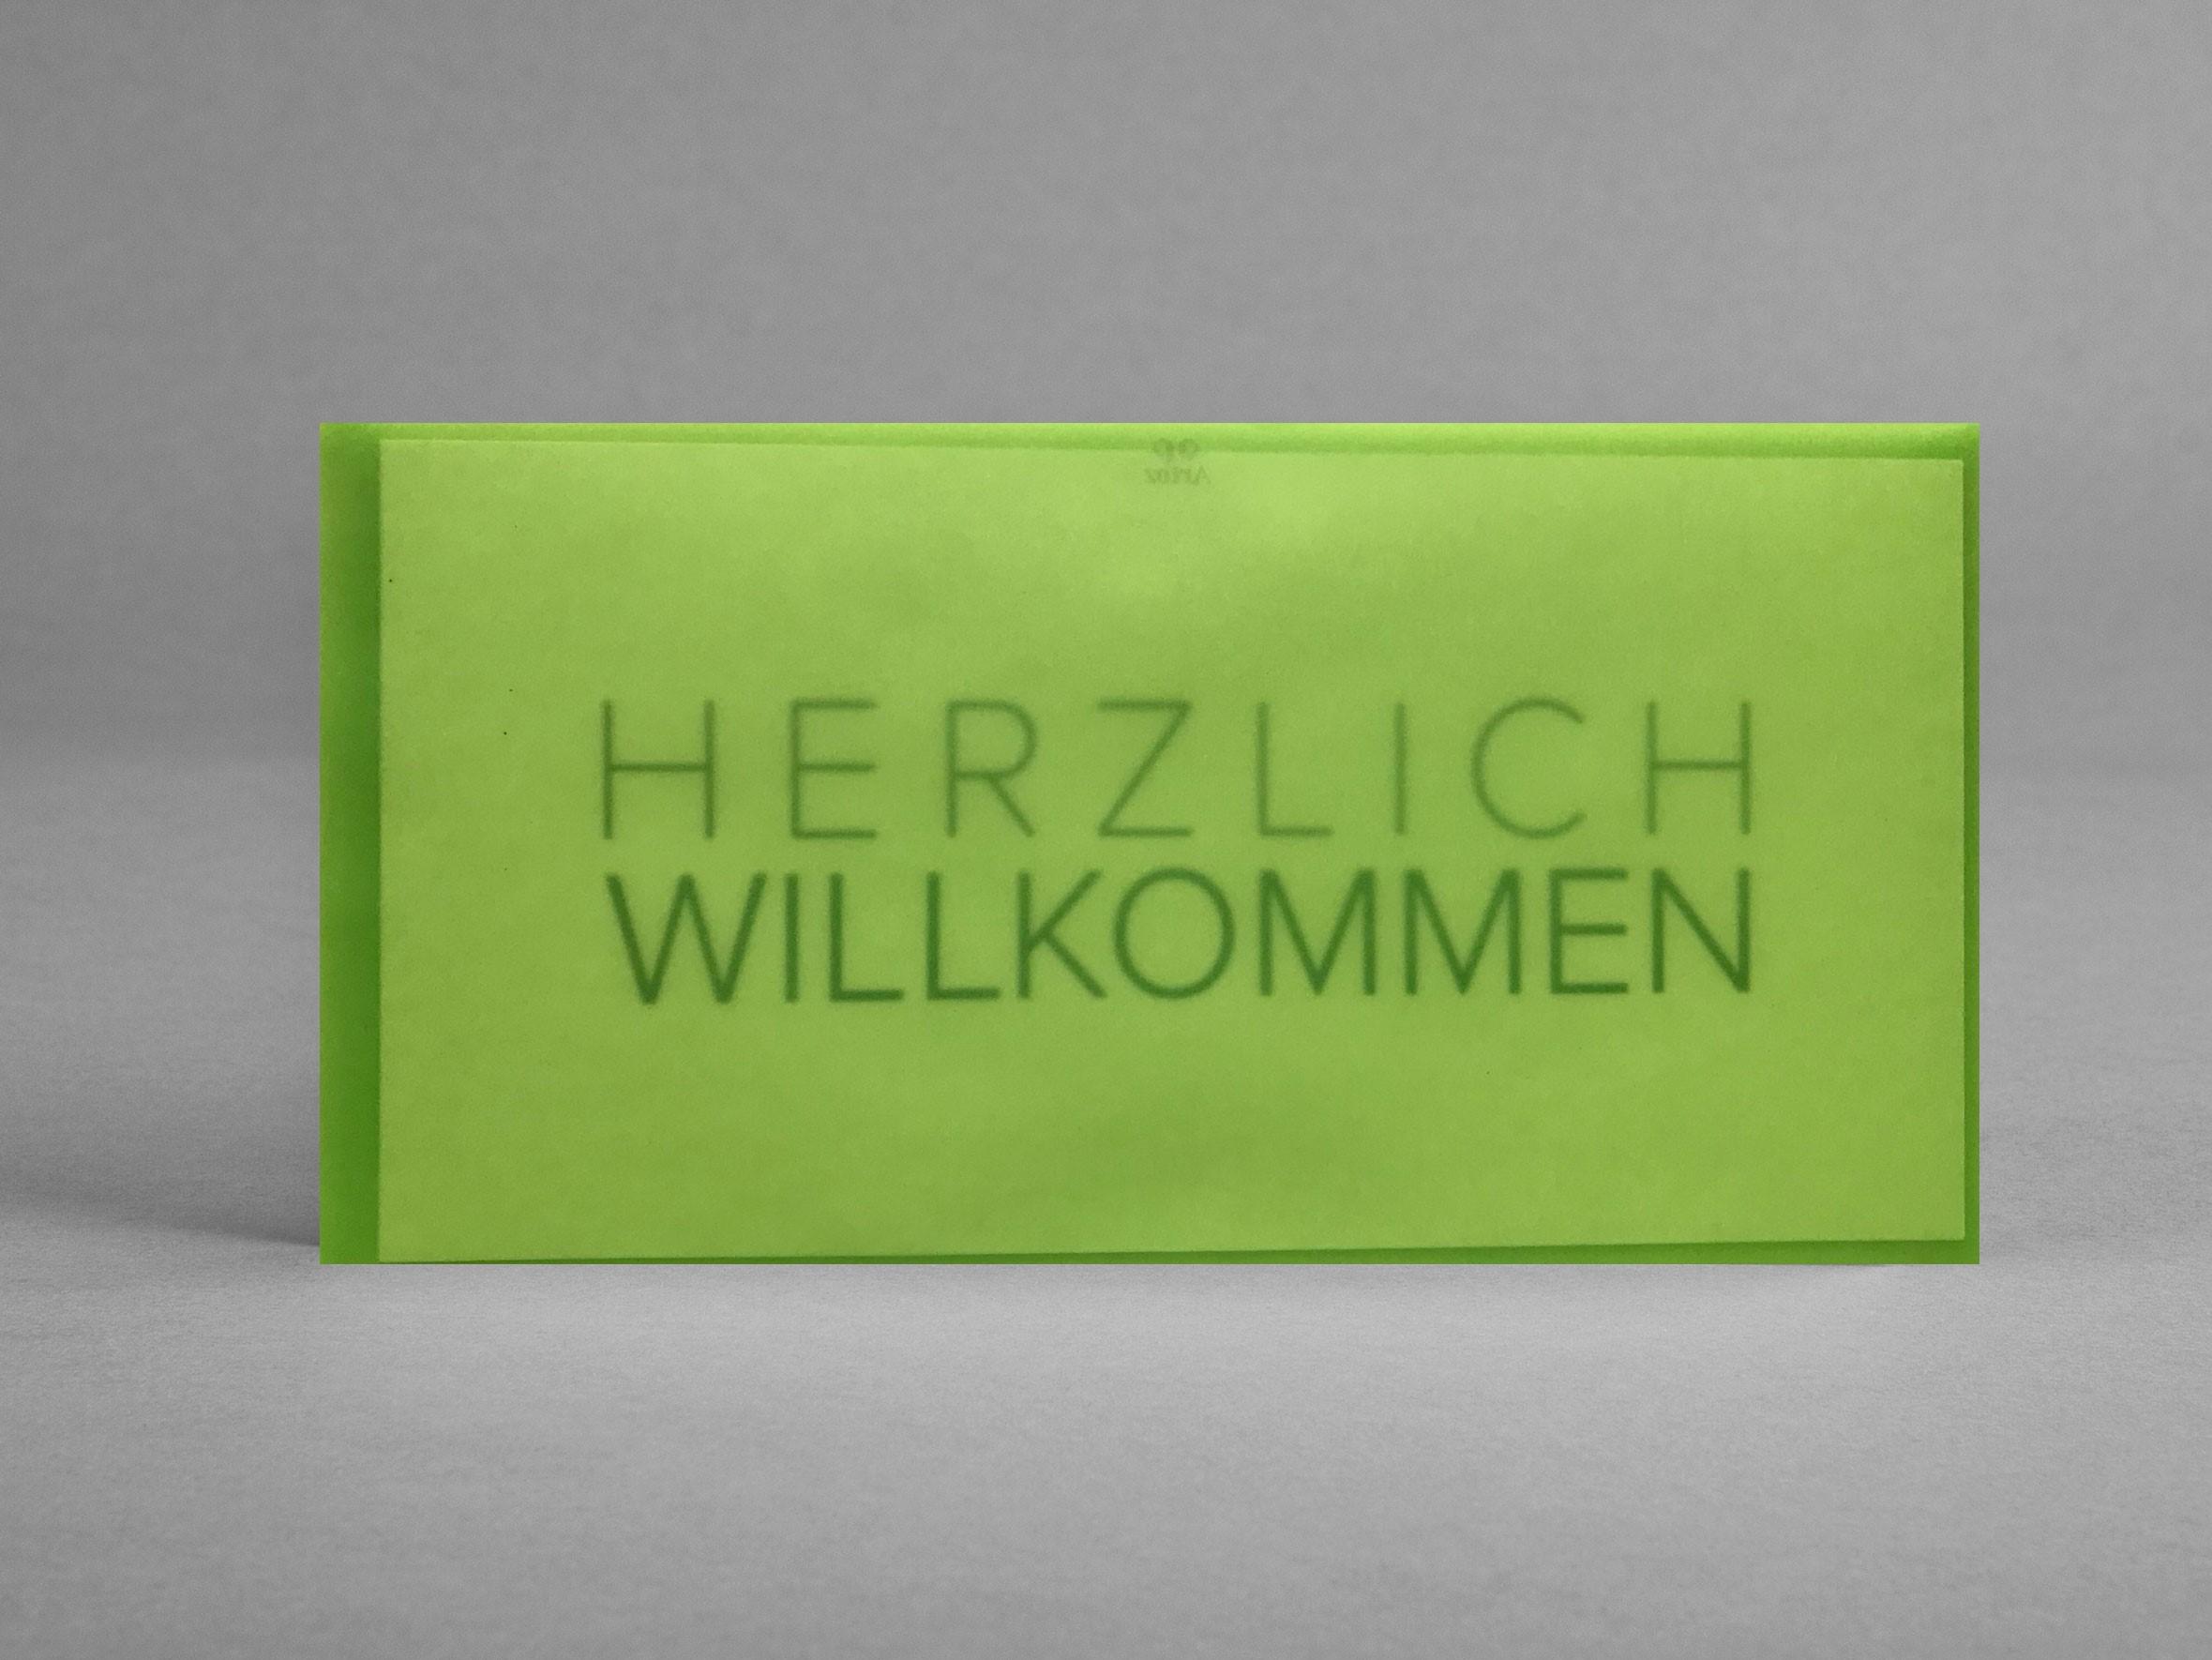 Grusskarte_Herzlich-Willkommen_GuD_im-lemon-gruenen-Transparentkufert_artoz_grusskarten-designFESTNQyMgp6Cj